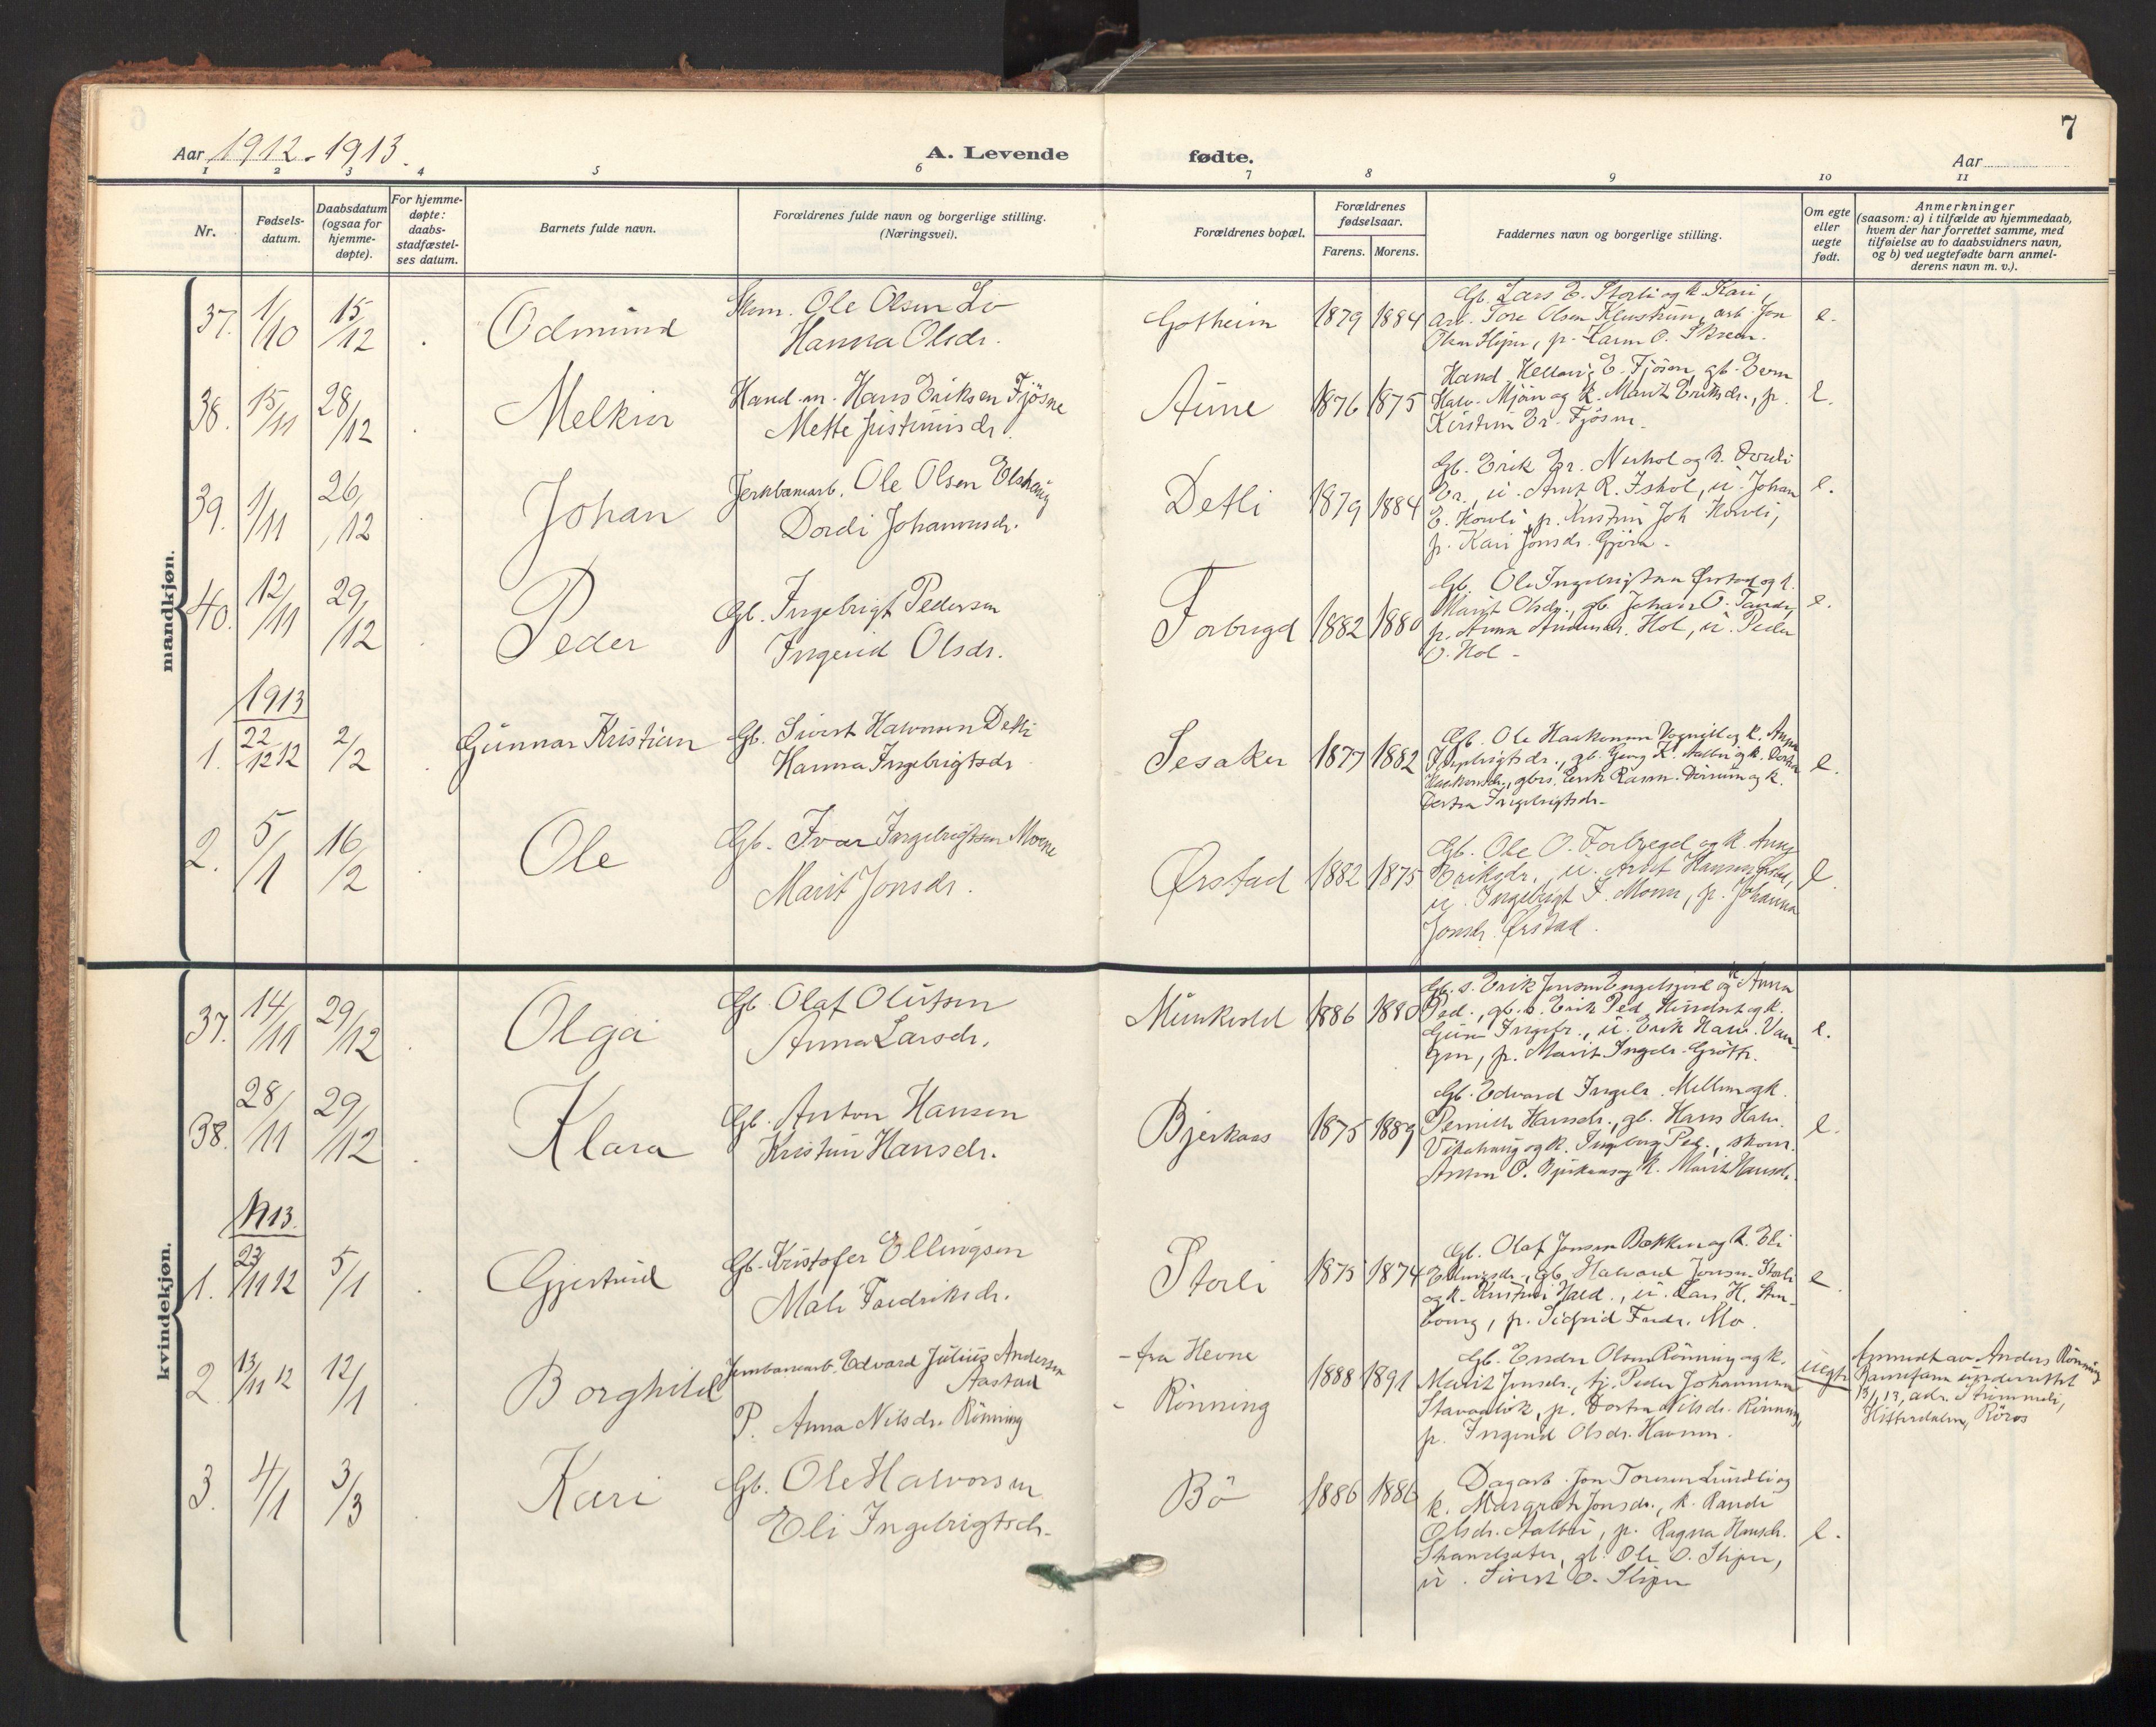 SAT, Ministerialprotokoller, klokkerbøker og fødselsregistre - Sør-Trøndelag, 678/L0909: Ministerialbok nr. 678A17, 1912-1930, s. 7